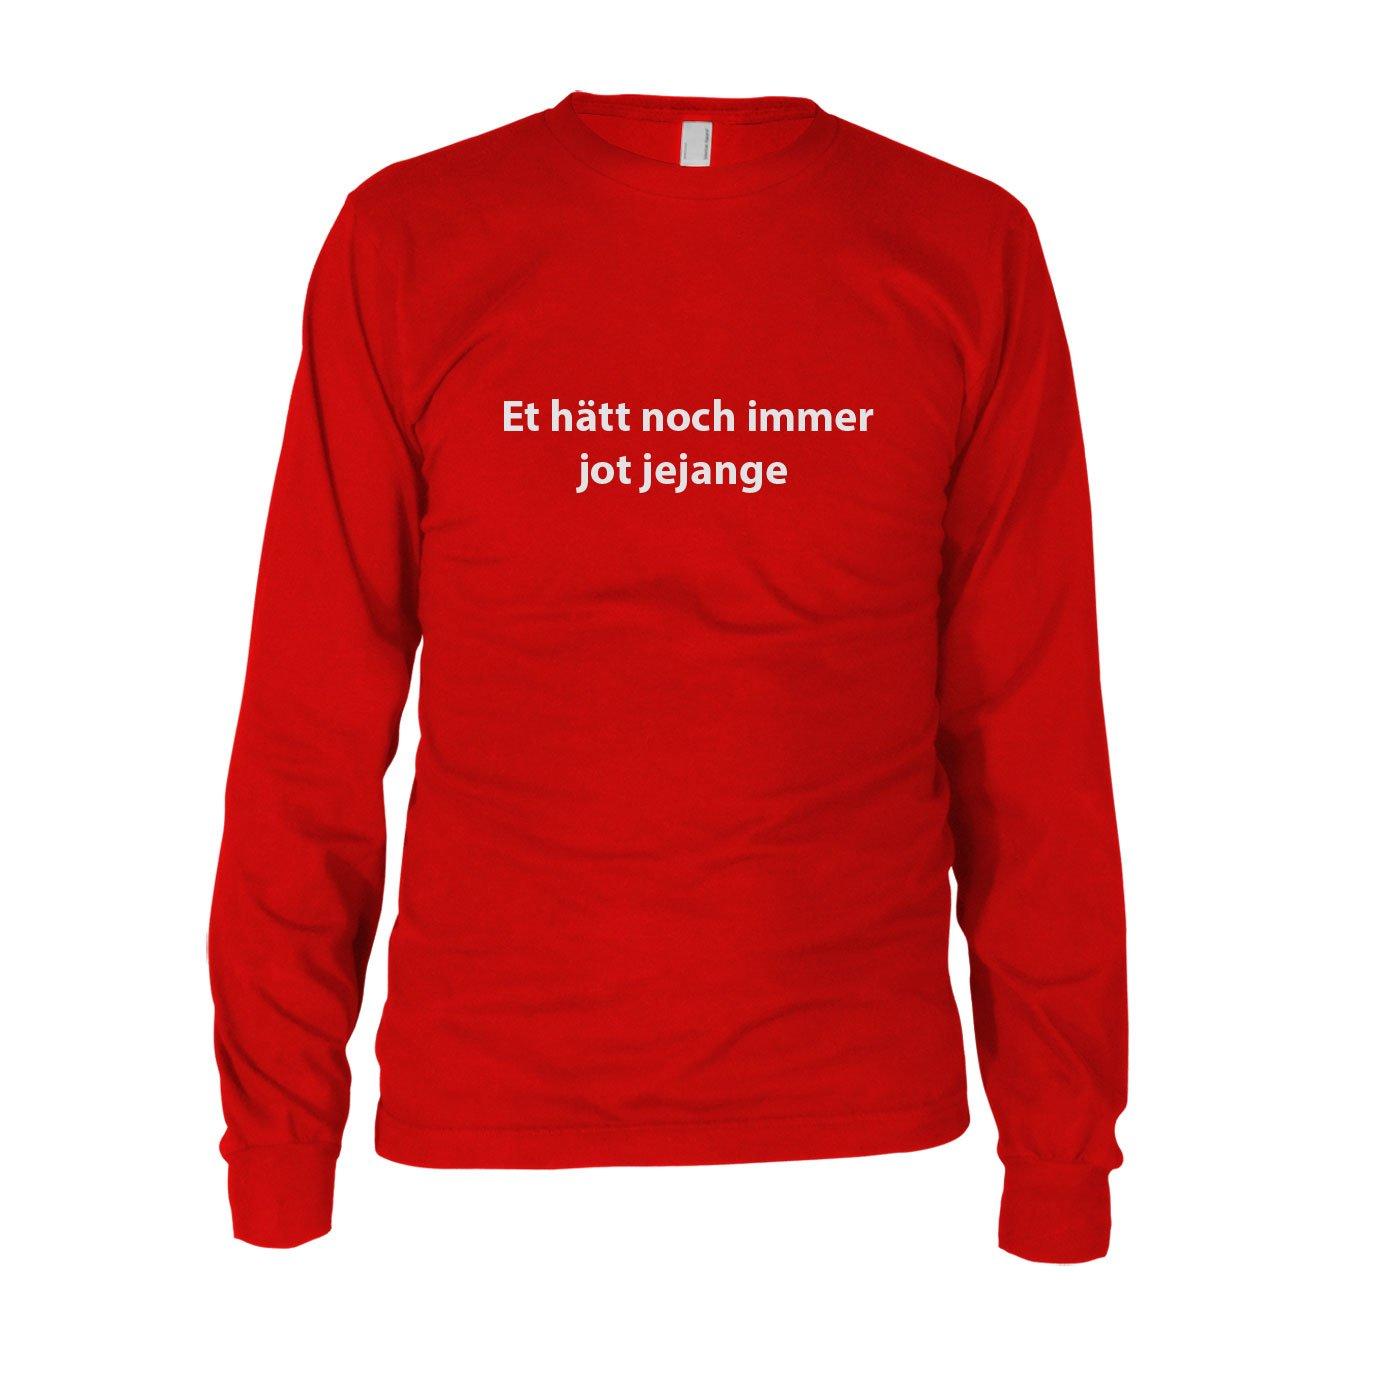 Et hätt noch immer jot jejange - Herren Langarm T-Shirt: Amazon.de:  Bekleidung